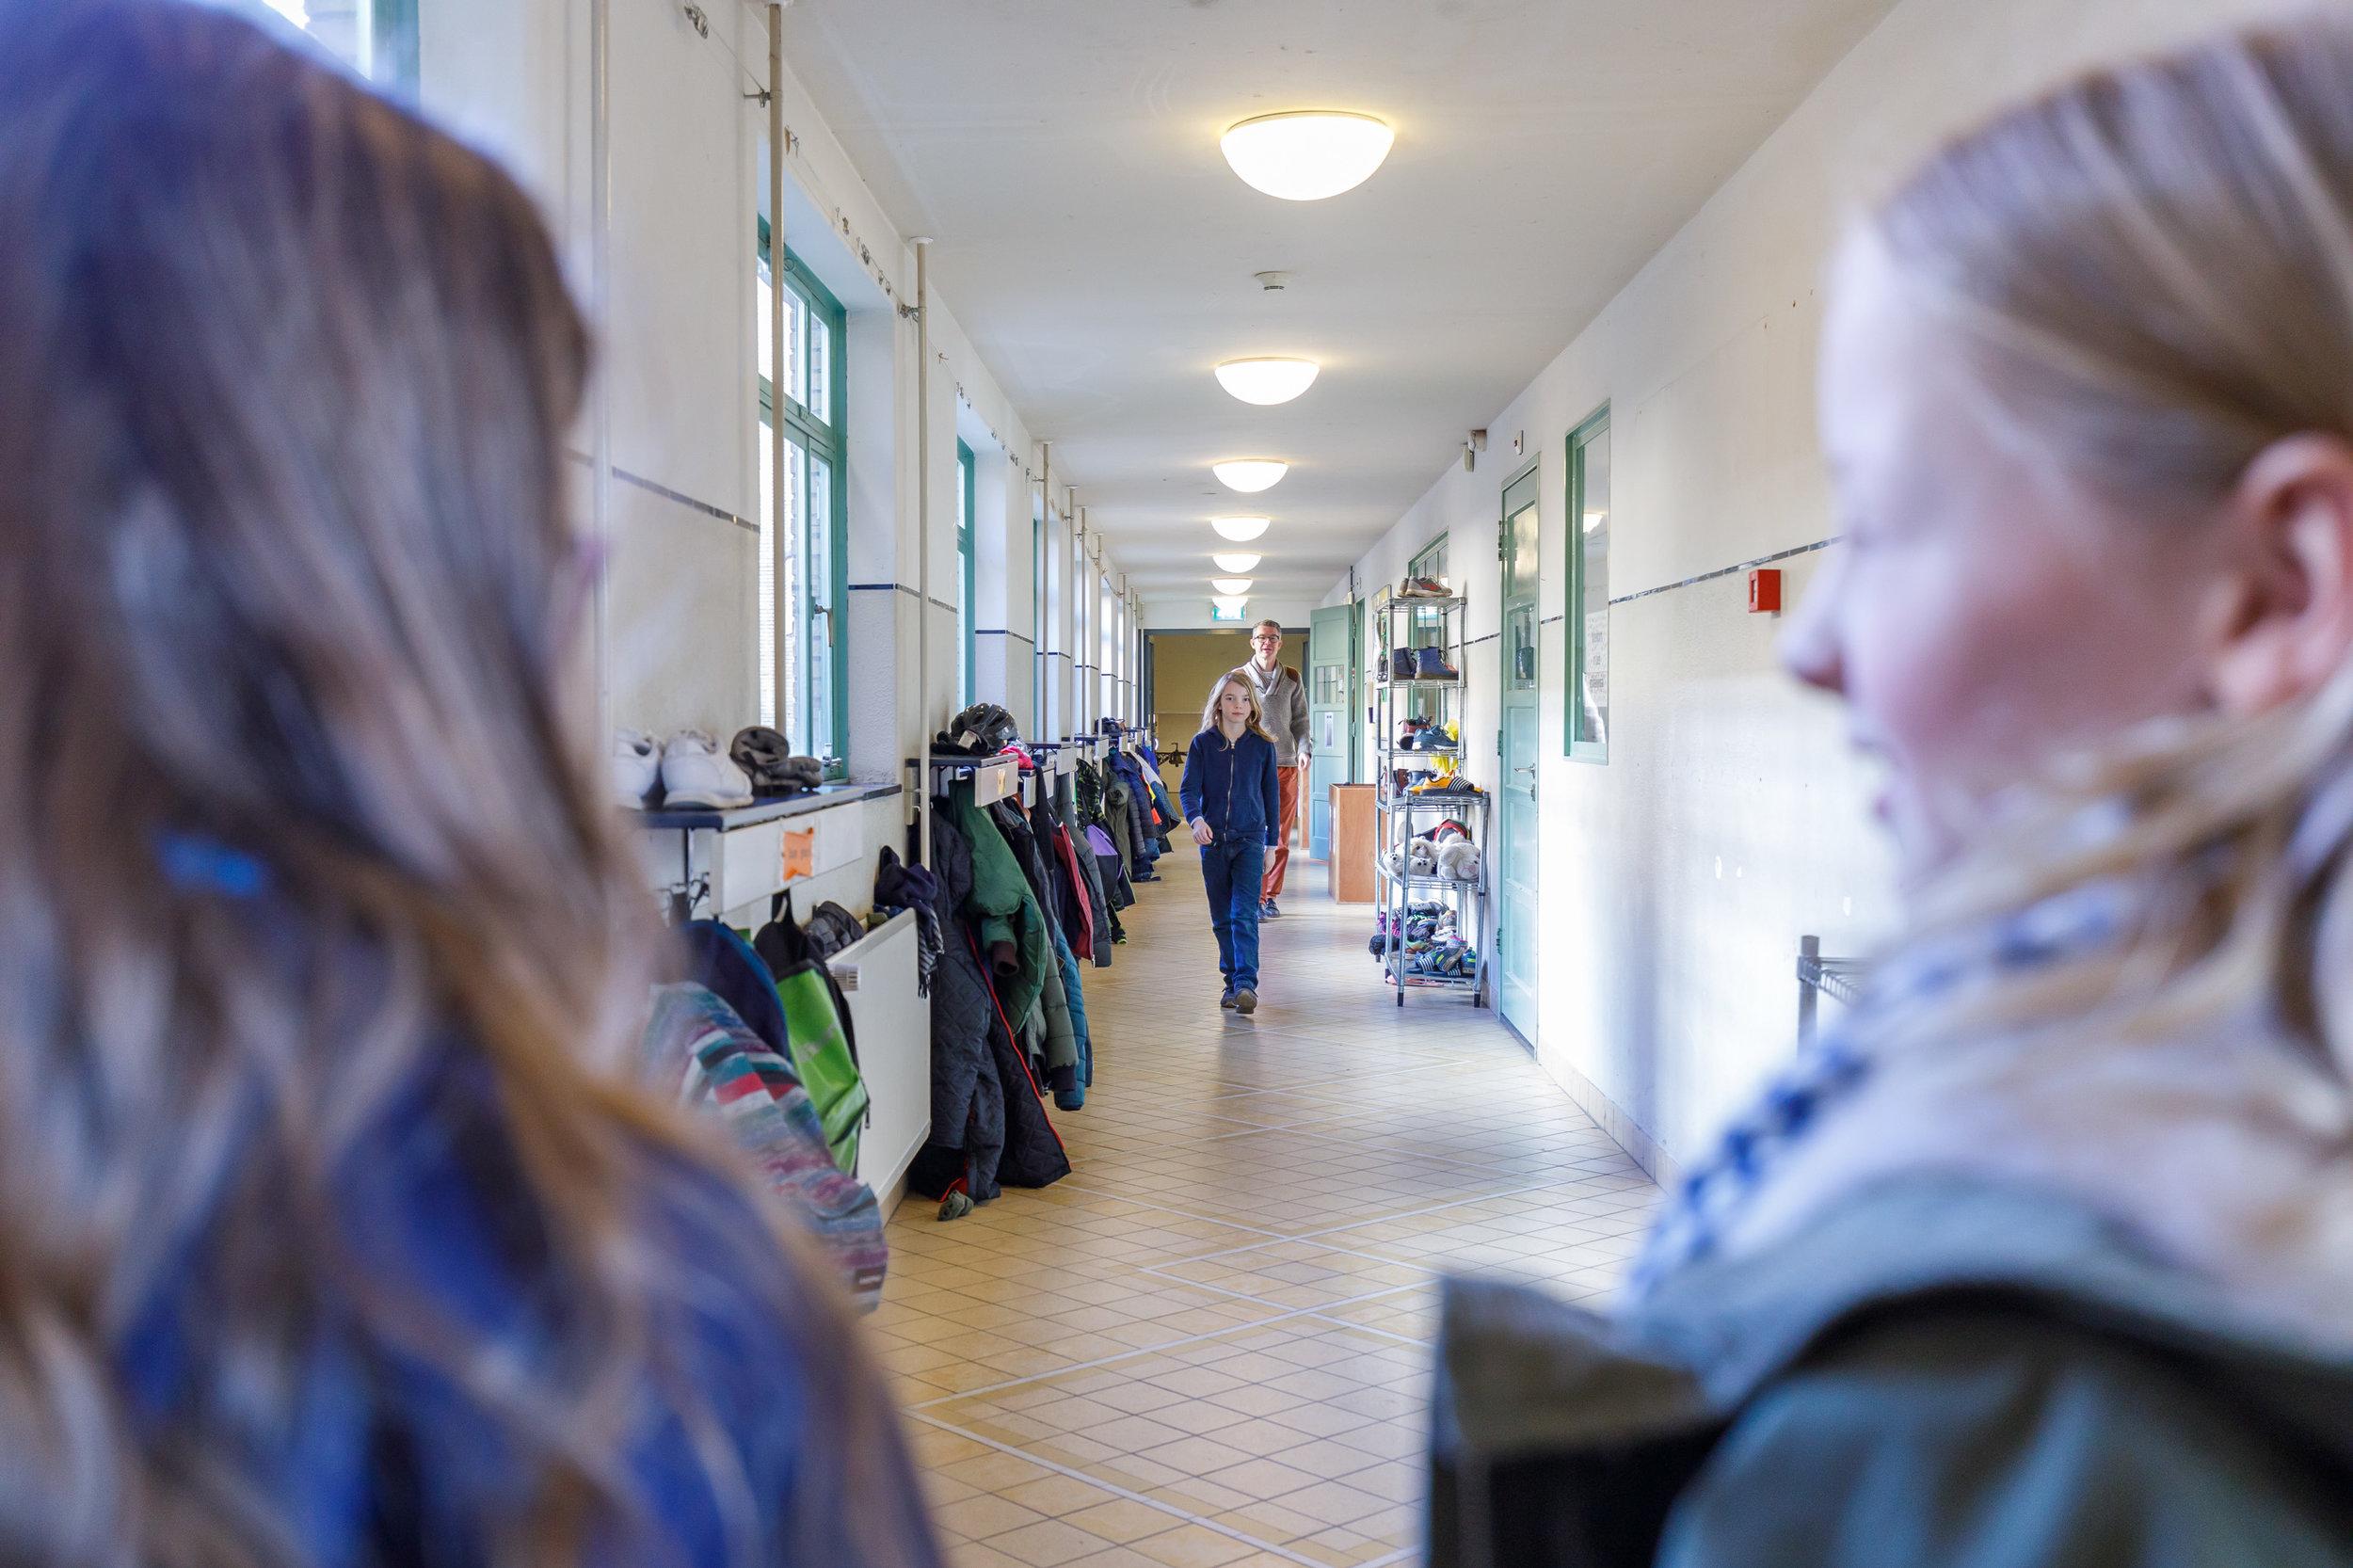 En opeens ontdek je, midden in Utrecht, een school waar heel je wereld samenkomt. - Met klasgenoten vanuit alle wijken en achtergronden. Met alle ruimte om te zijn wie je bent, en te worden wat je wilt. Hier leer je dat iedereen belangrijk is en dat jouw inzet ertoe doet, dat jíj ertoe doet! Samen met je klasgenoten ontdek je hoe de wereld werkt, en vooral hoe je daarbinnen je plek kunt vinden. Open, zelfstandig en vol durf.Midden in jouw wereld.Bekijk onze school